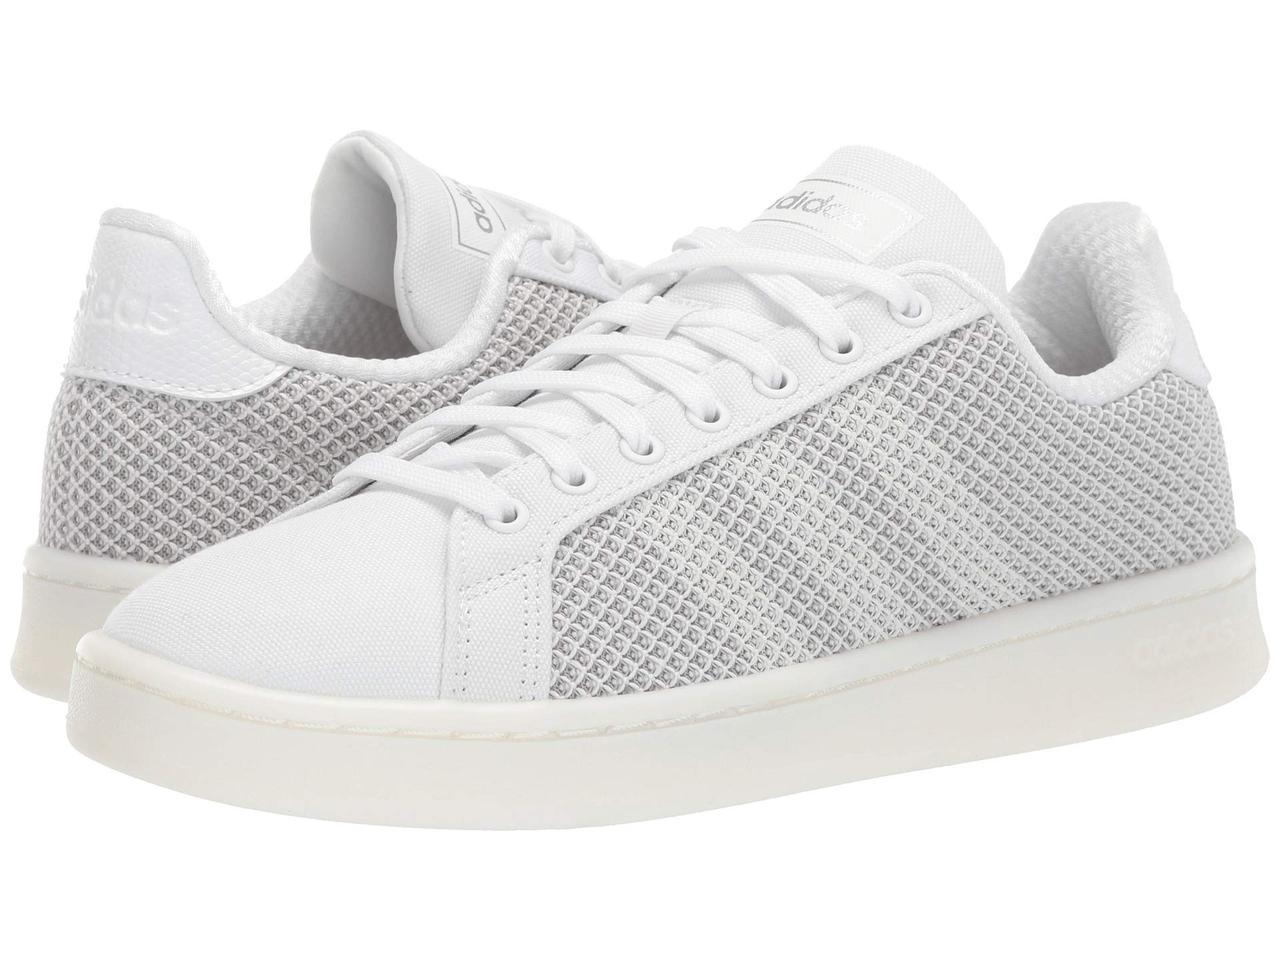 c574793a Кроссовки Adidas Grand Court White - Оригинал — в Категории ...